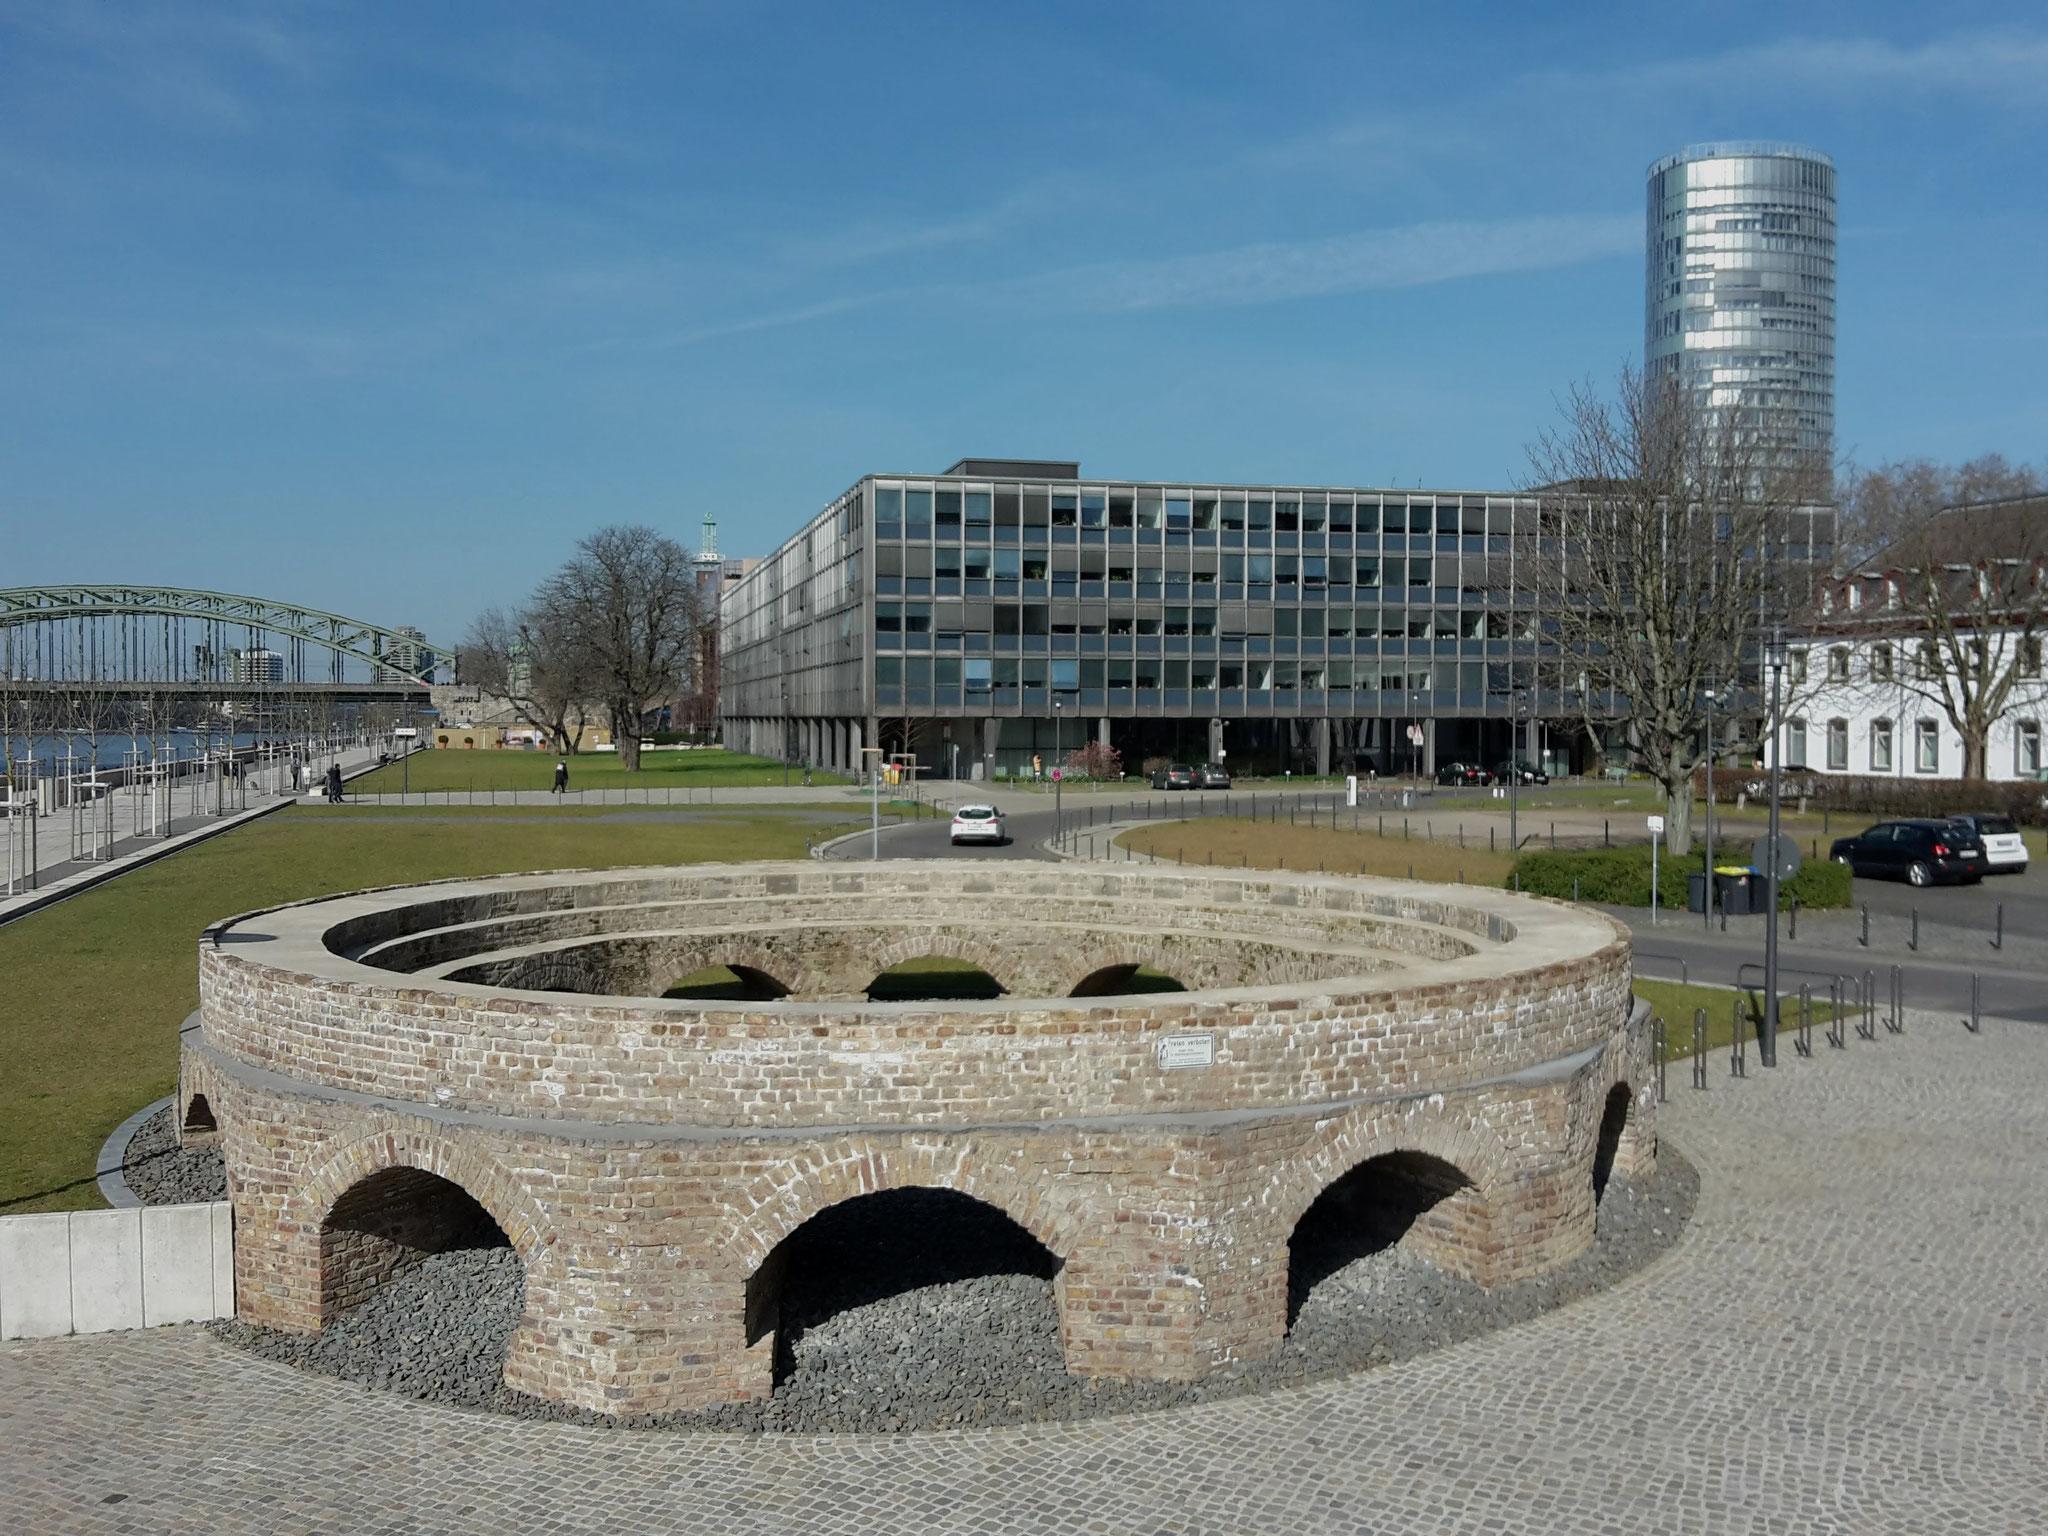 Preußen-Tour - Fundament der Drehscheibe der Bergisch-Märkischen-Eisenbahn (Ende 19. Jh.) am ehemaligen Bahnhof '(Deutz) Schiffbrücke'